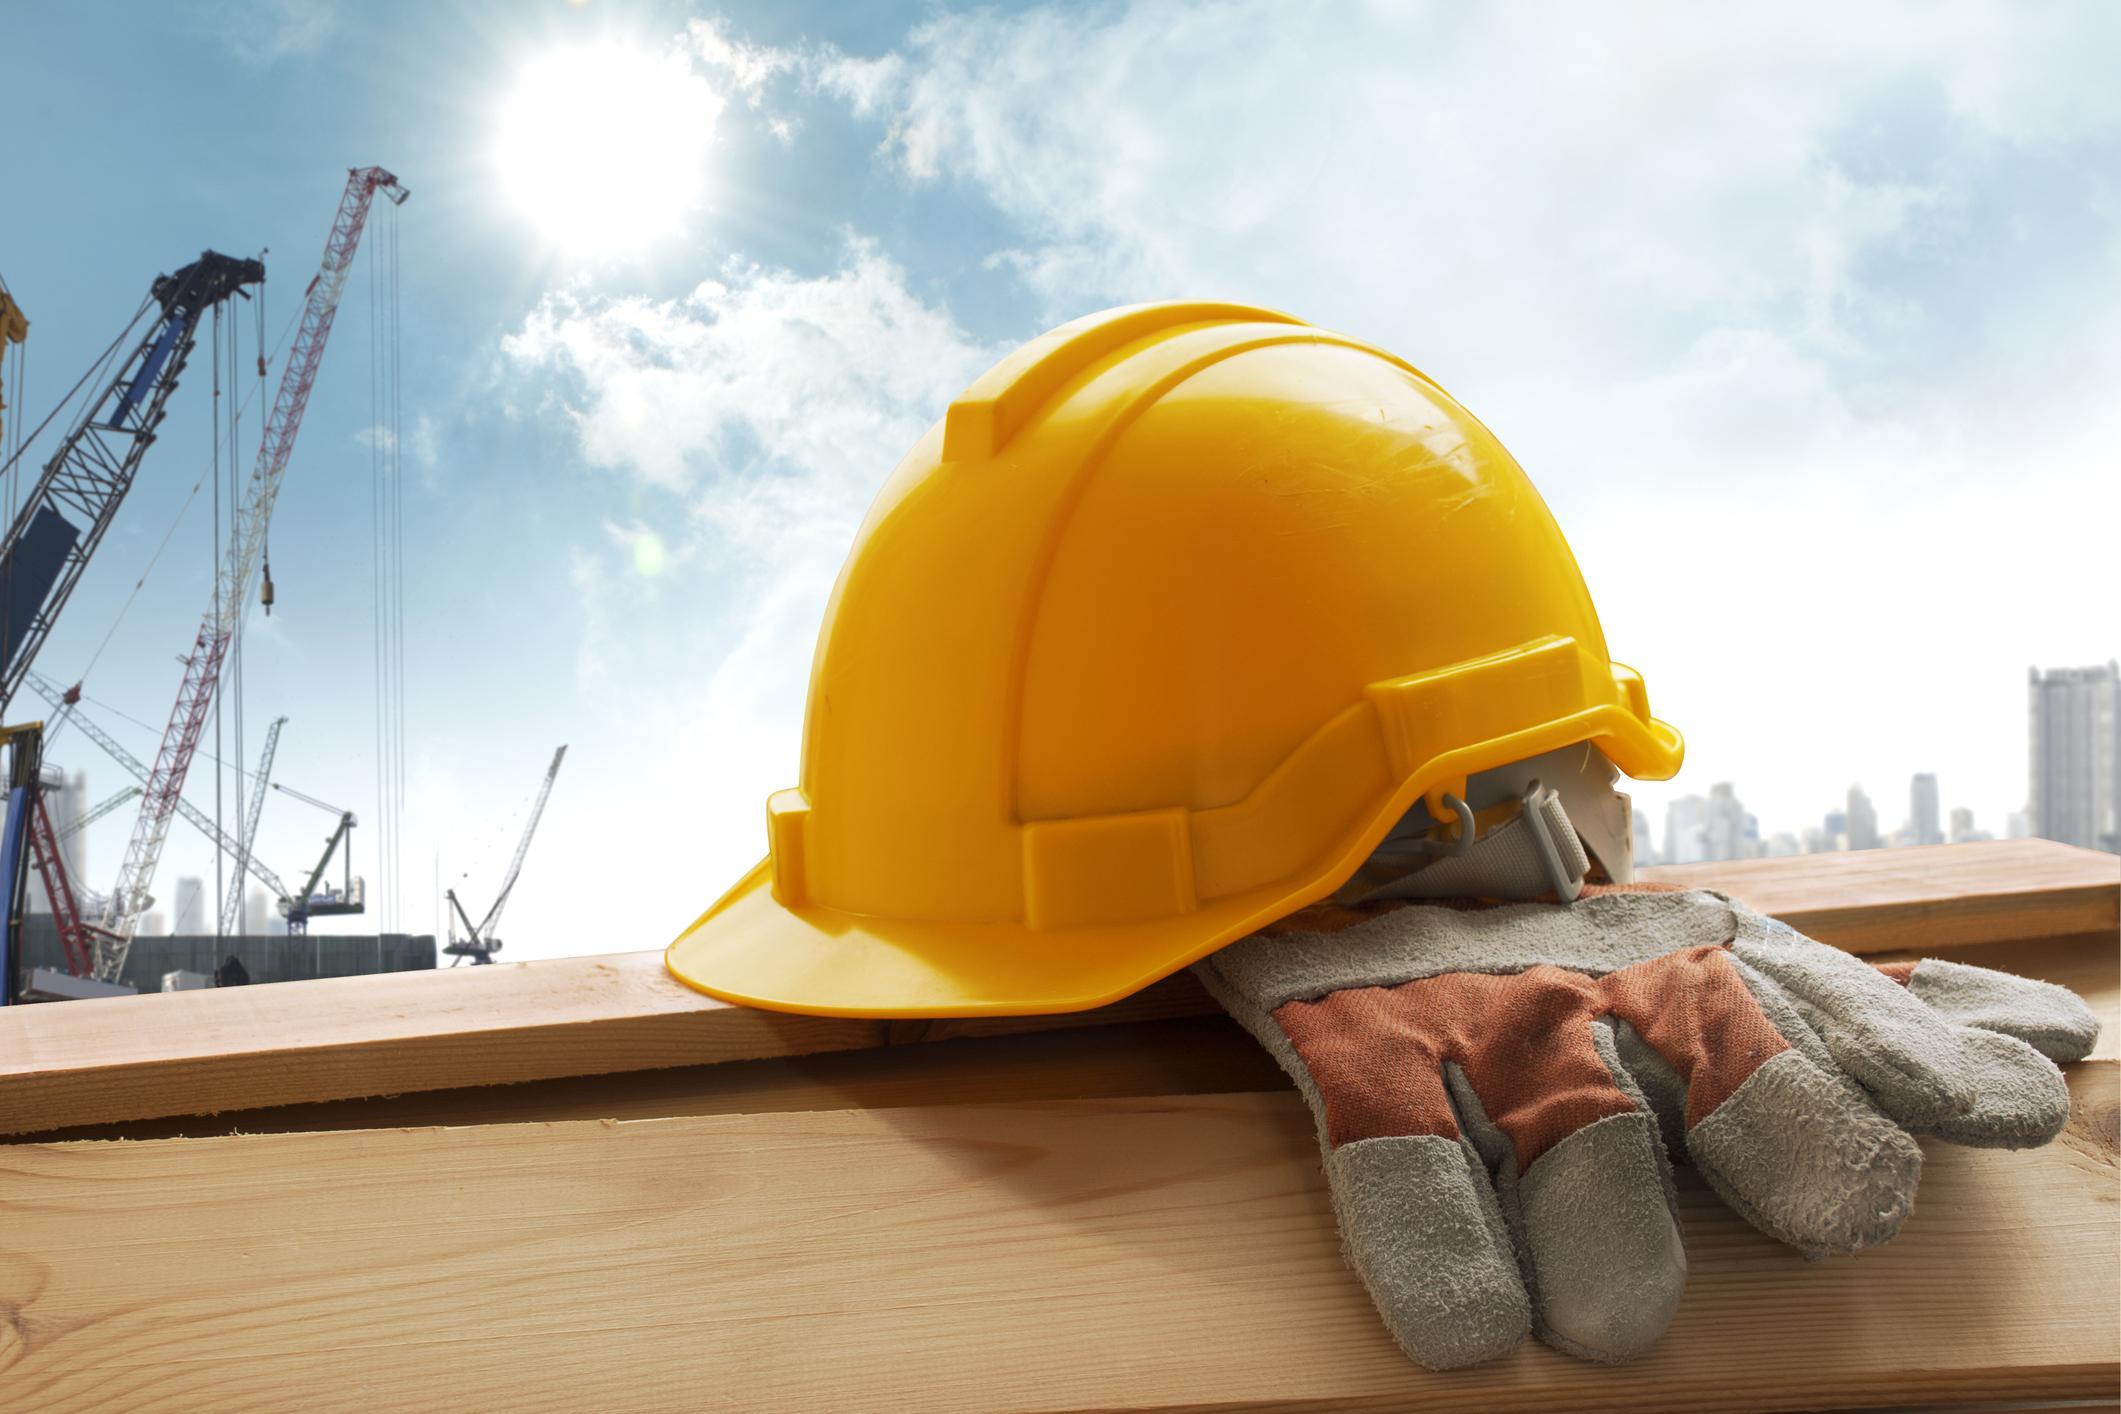 kask na budowie